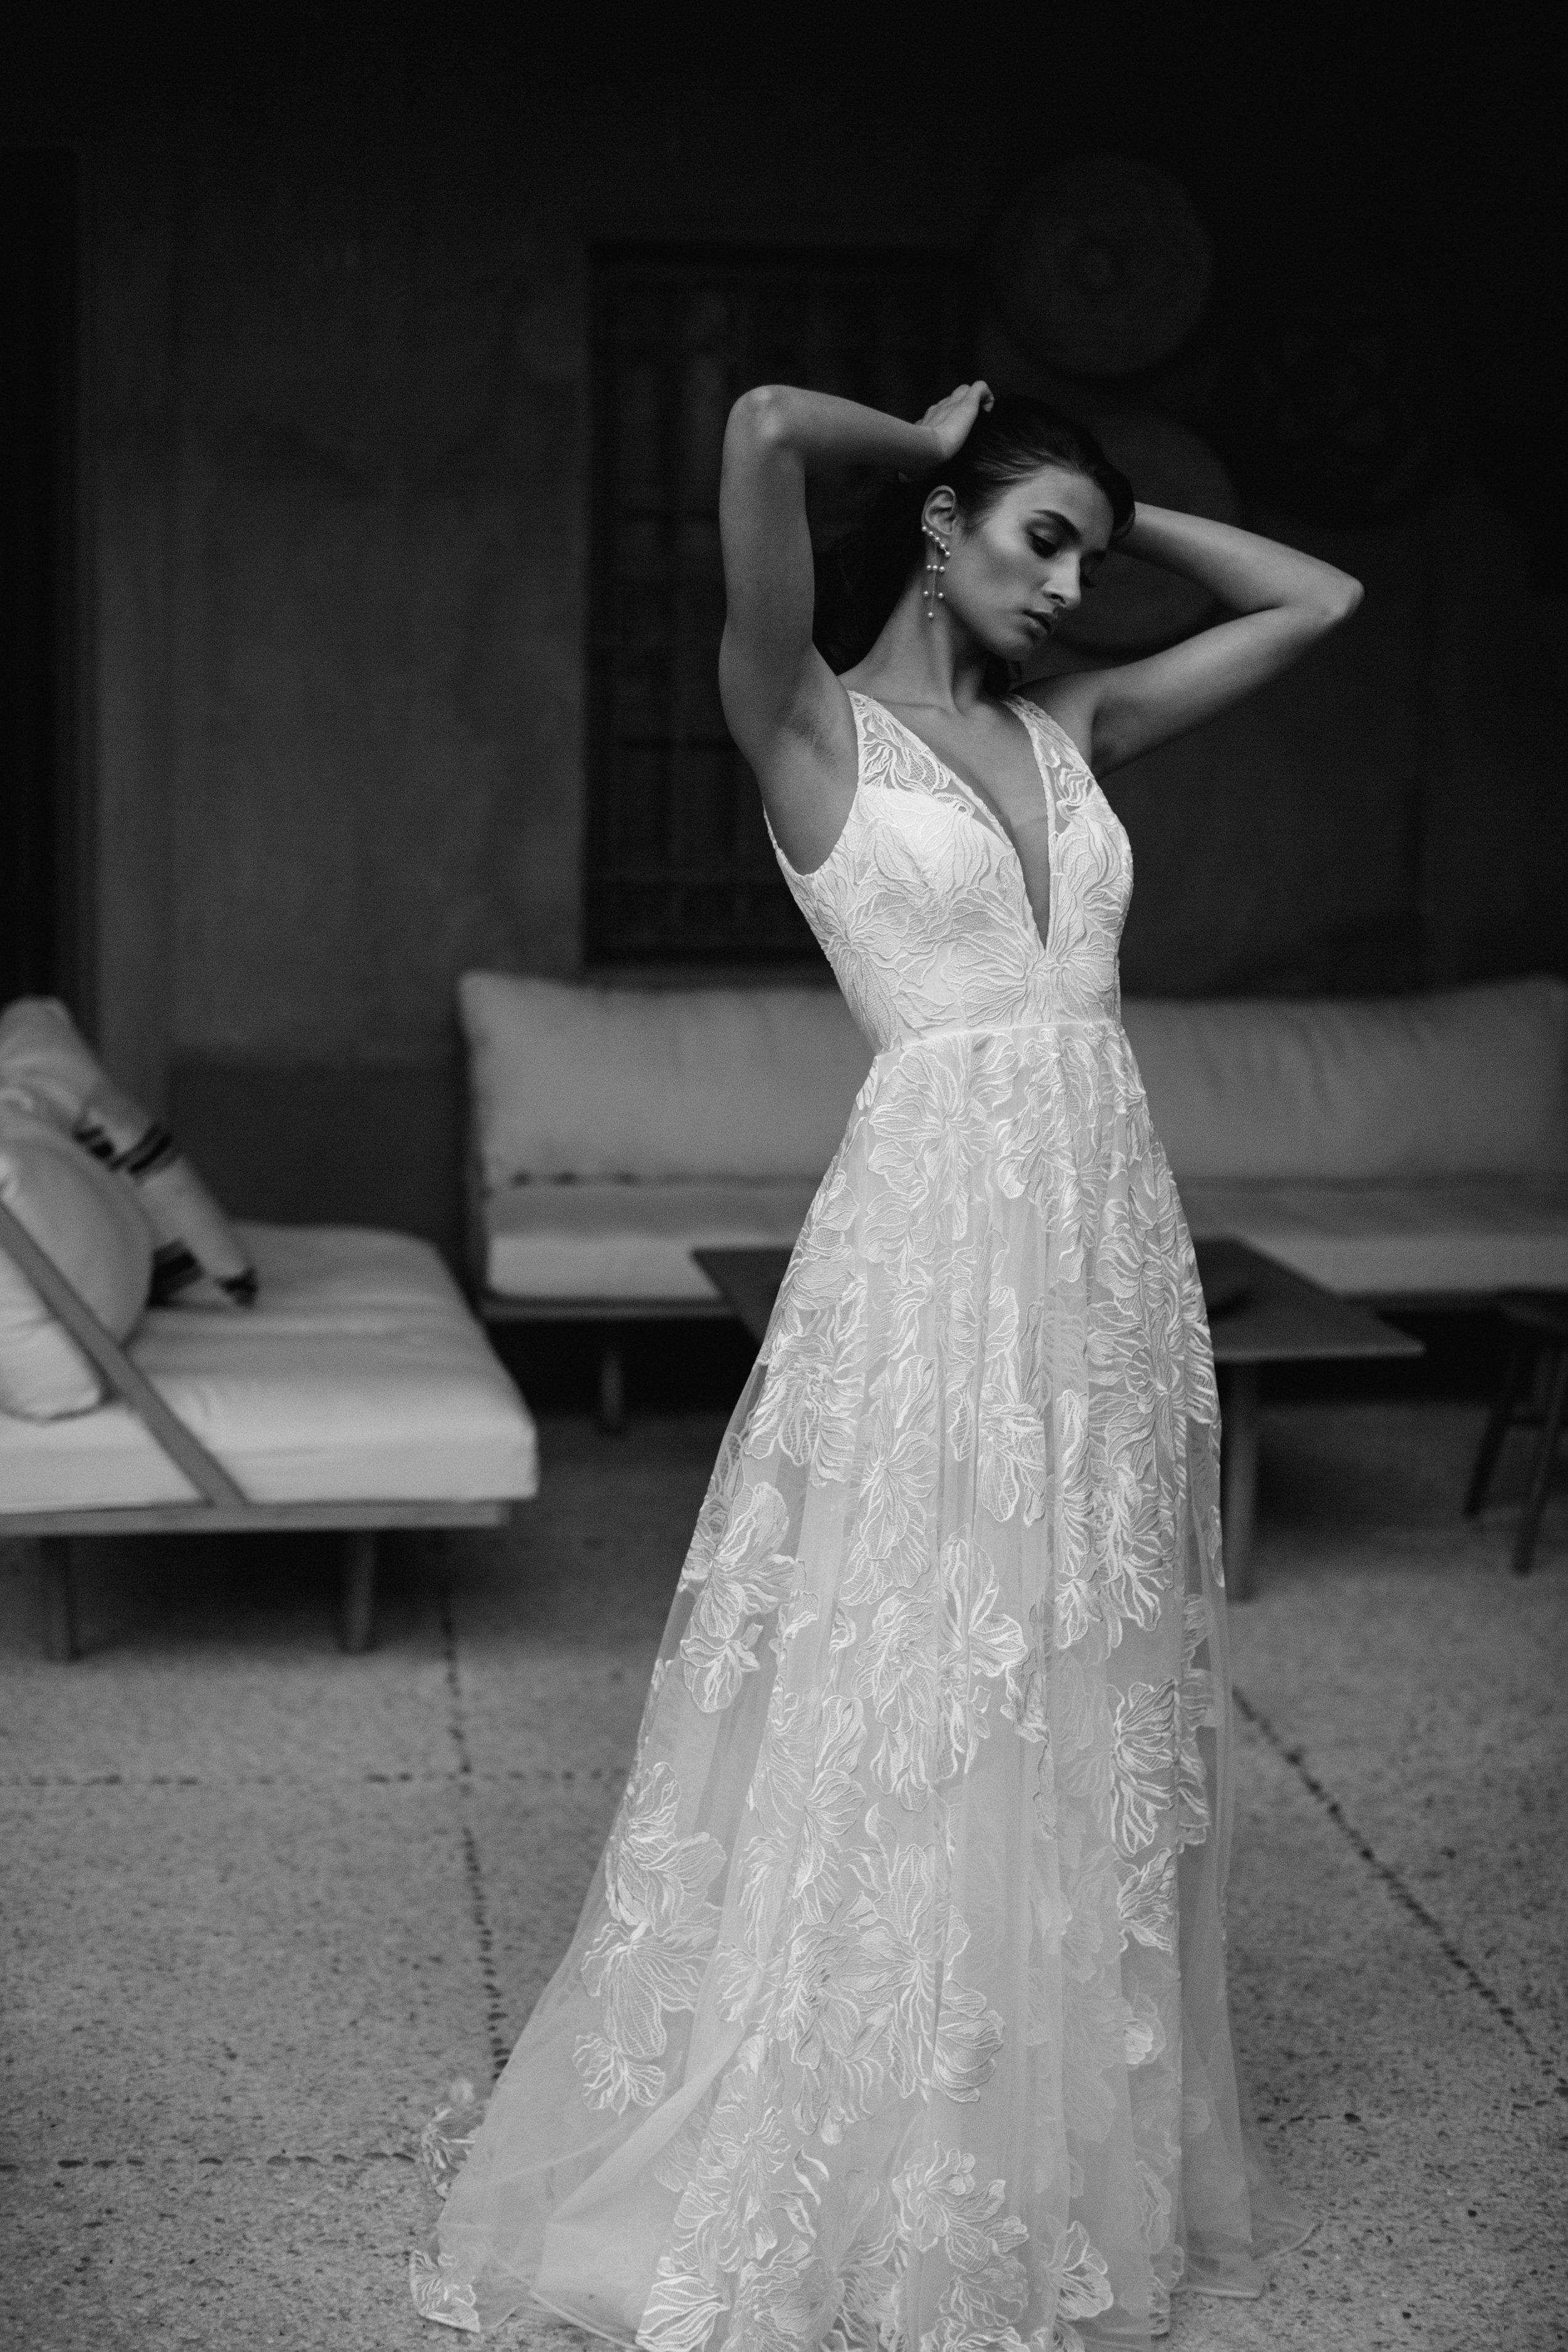 The-Saums-Marrakech-Morocco-Wedding-Photography-Chosen-32 (1).jpg